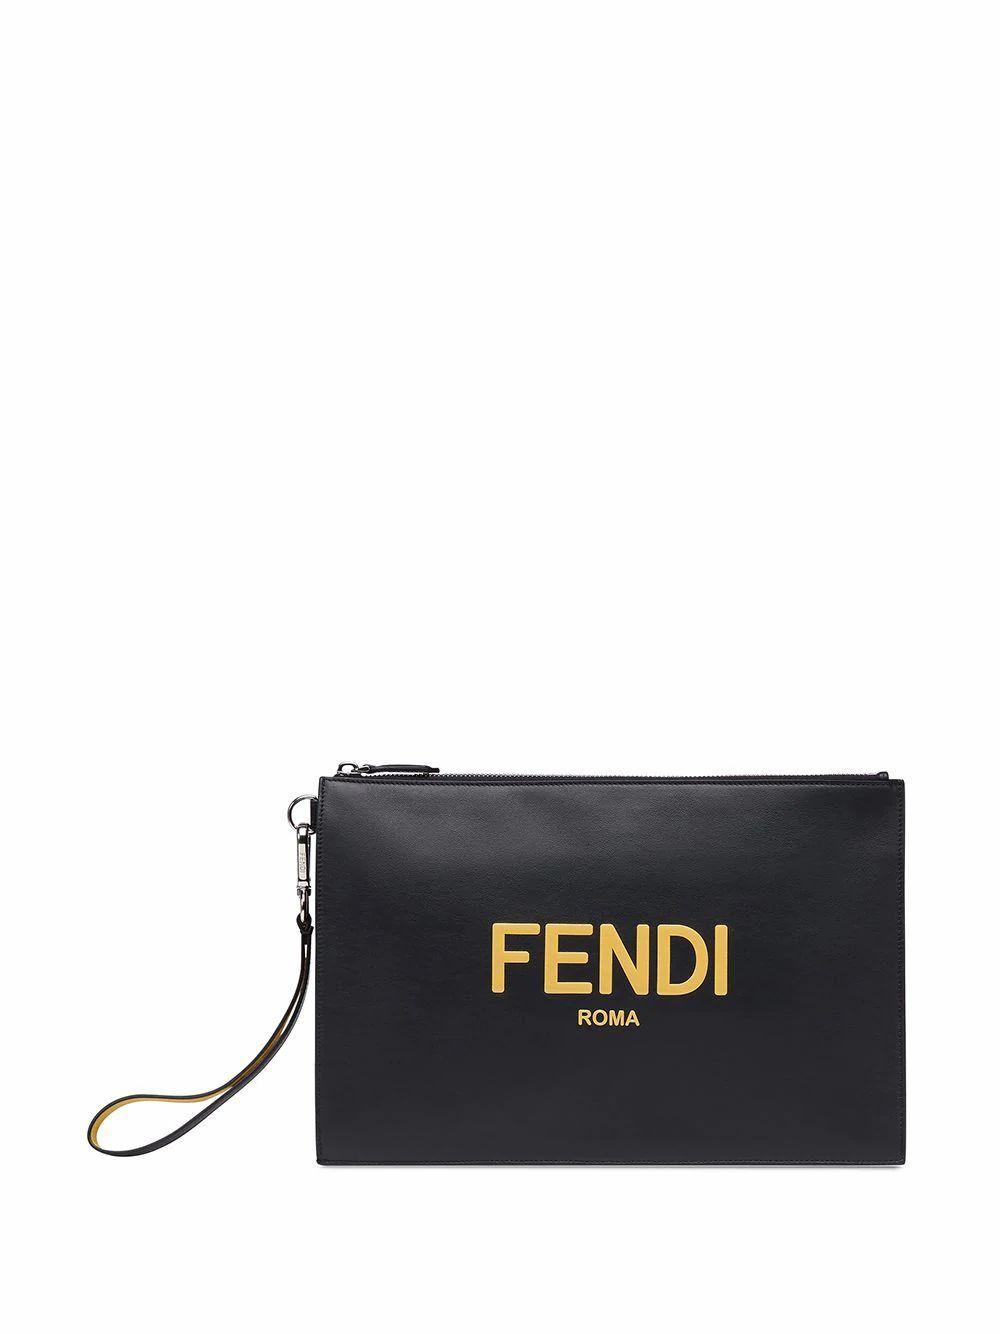 FENDI MEN'S 7N0110ADM8F0R2A BLACK LEATHER POUCH